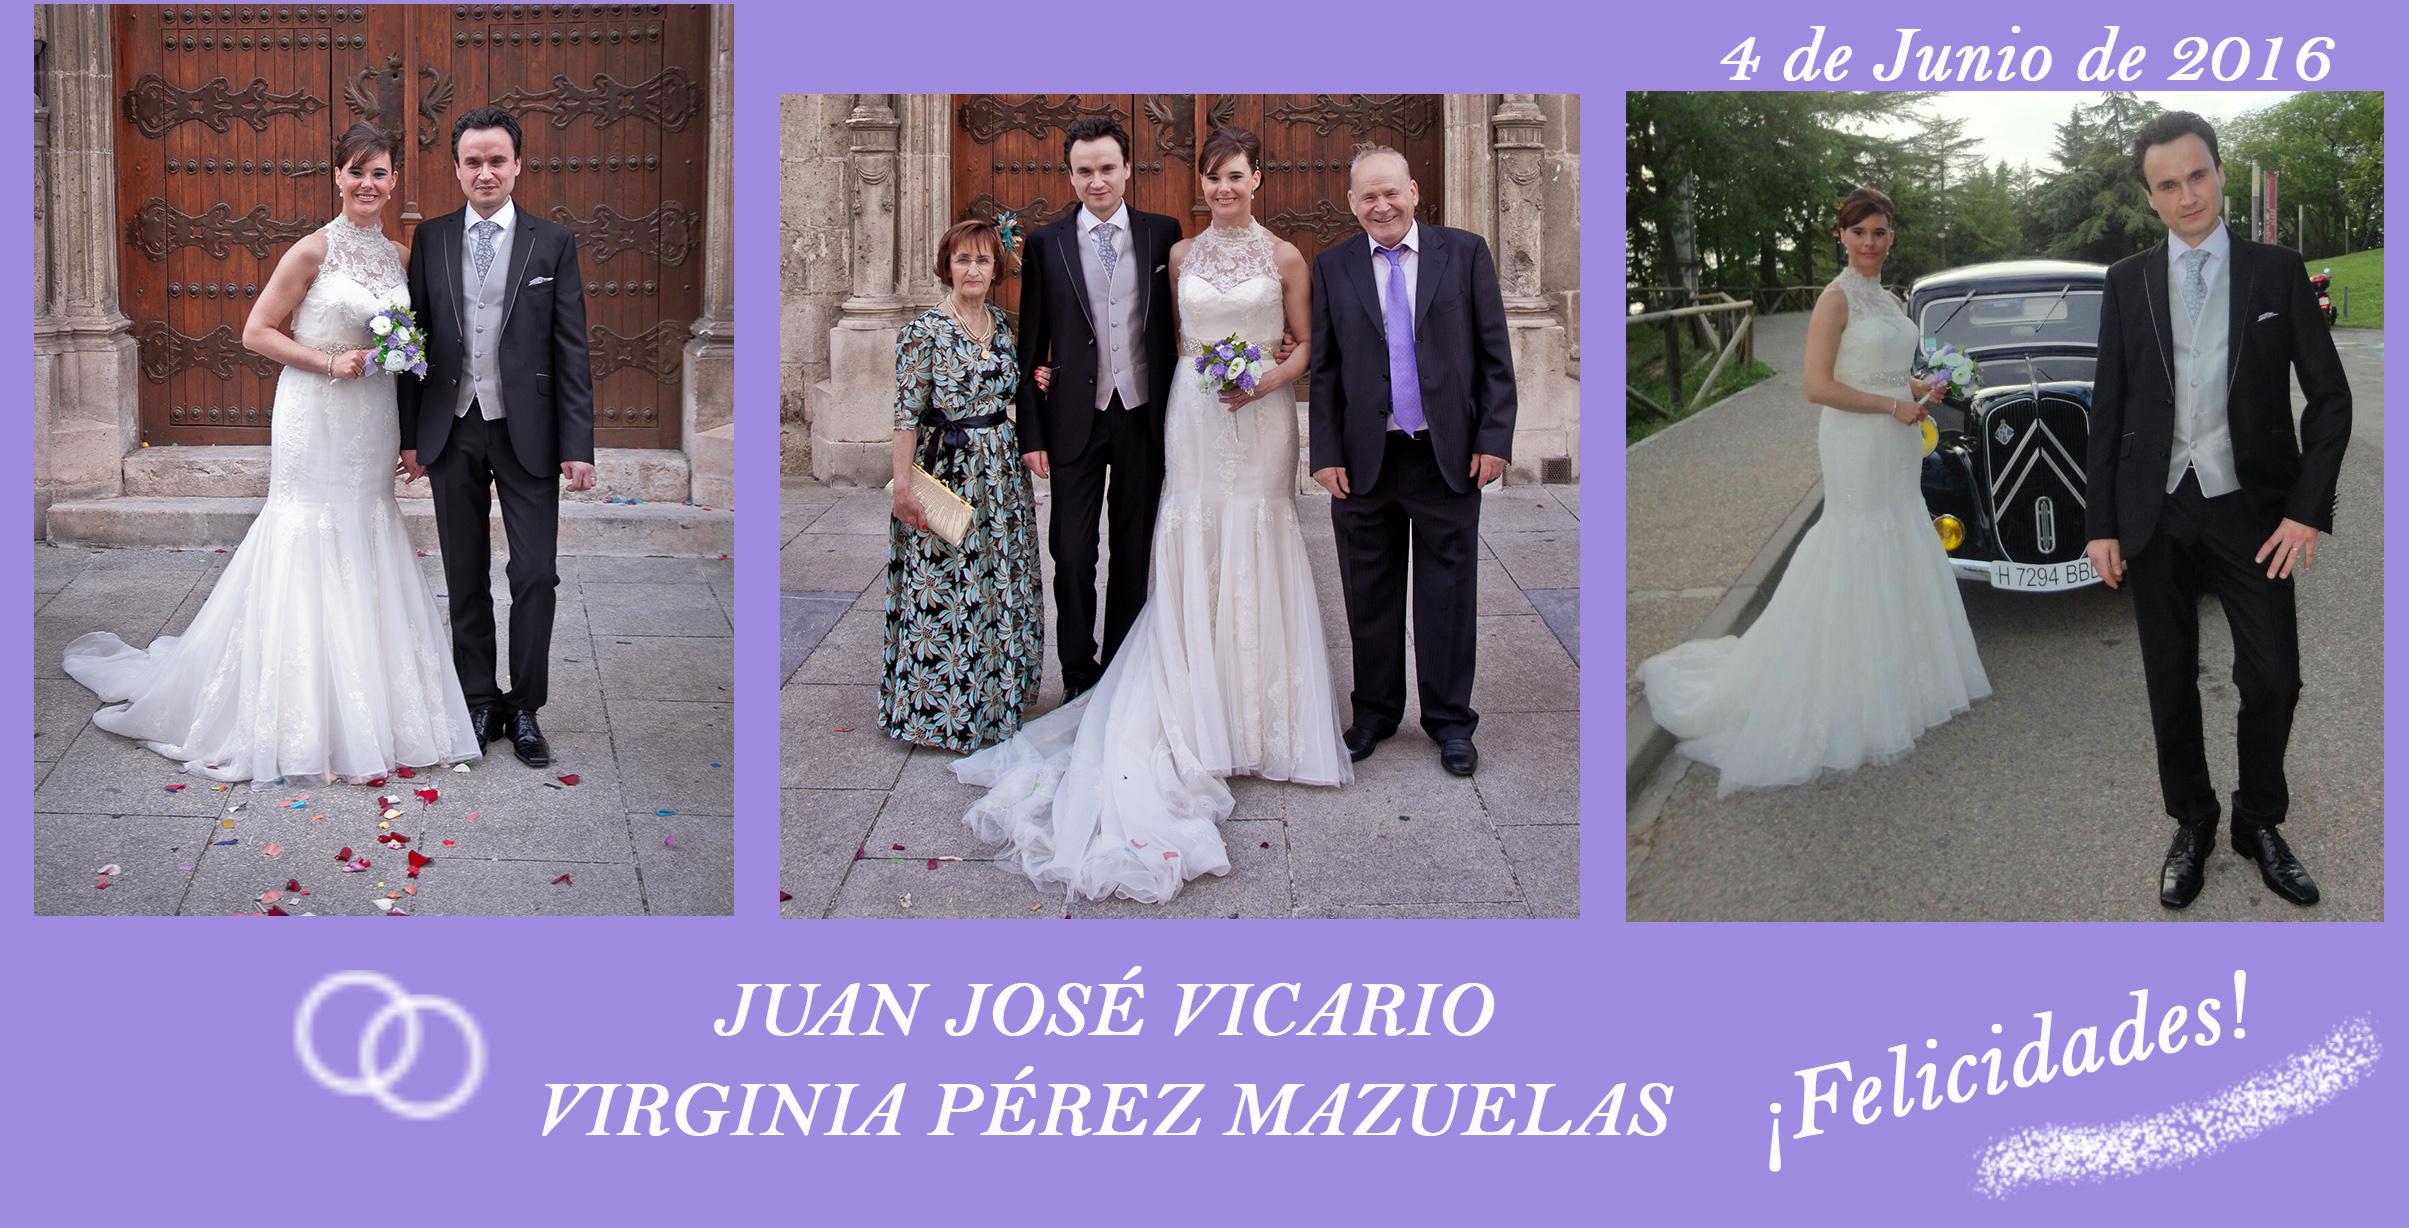 Boda de JUAN JOSÉ VICARIO (hijo de Boni-Guarni y Bea) Y VIRGINIA PÉREZ MAZUELAS